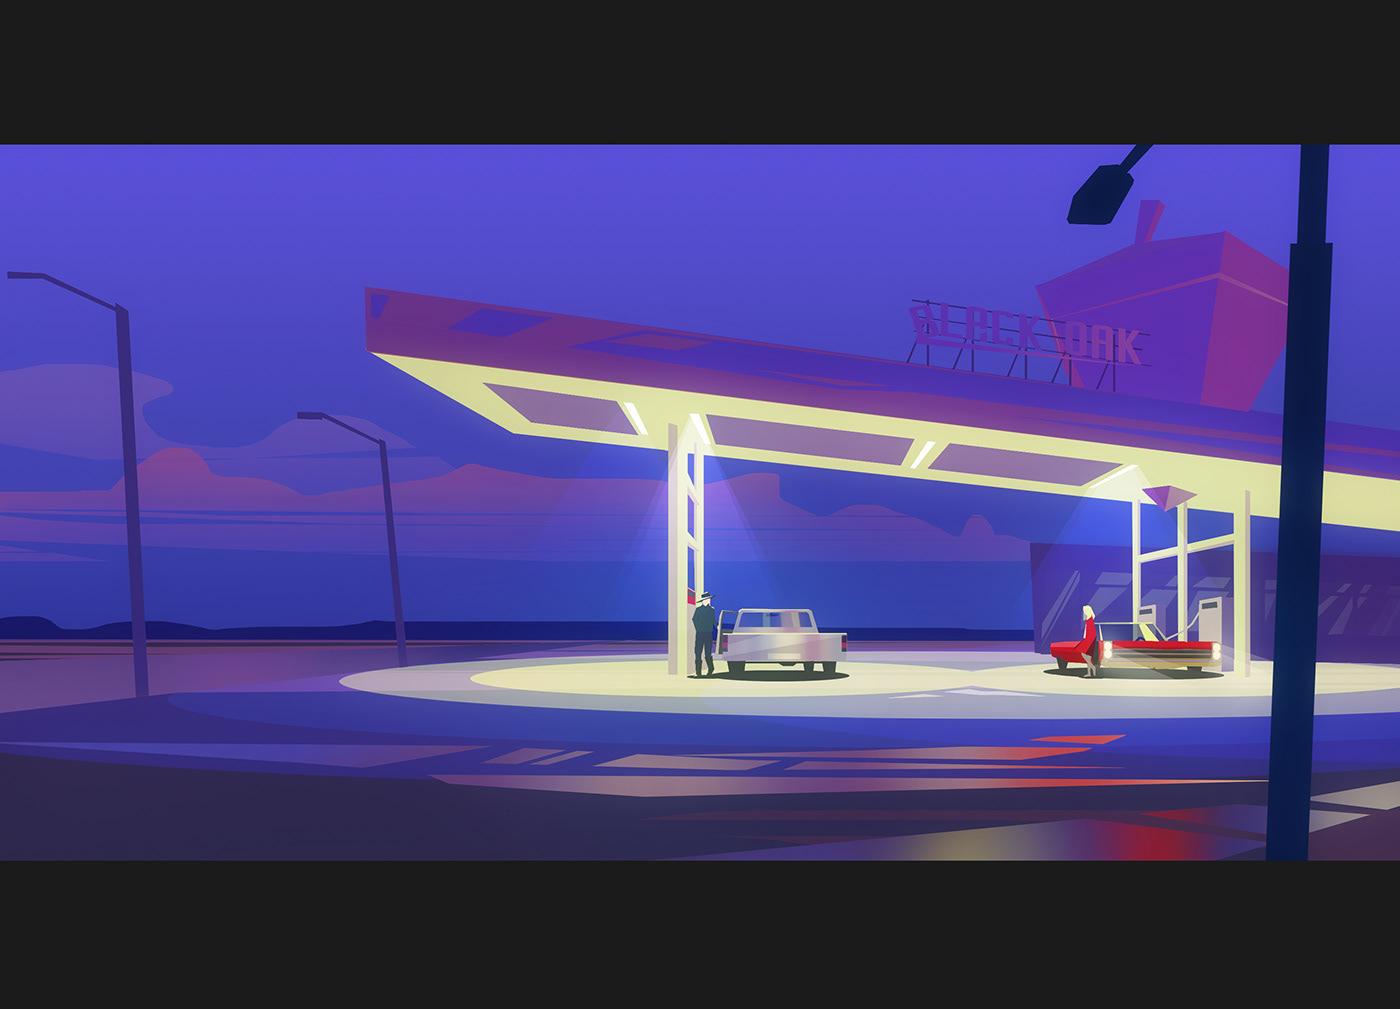 Image may contain: screenshot and vehicle